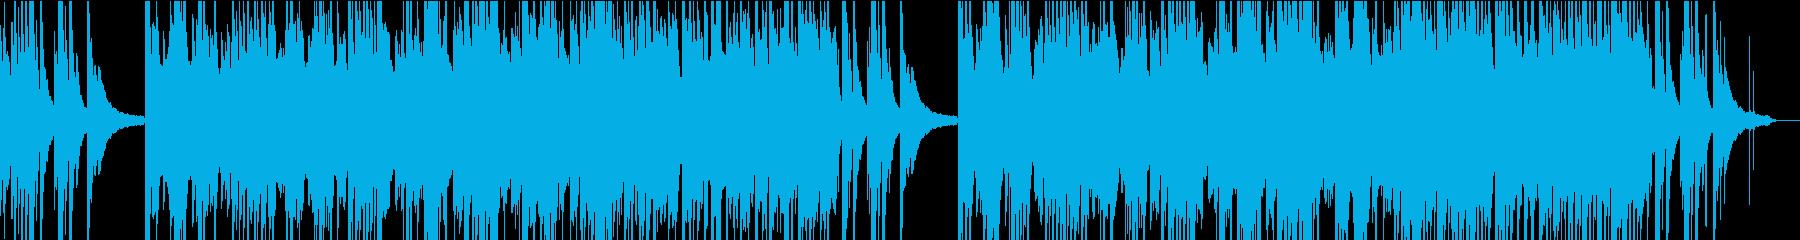 琴とピアノの切ない和風バラードの再生済みの波形